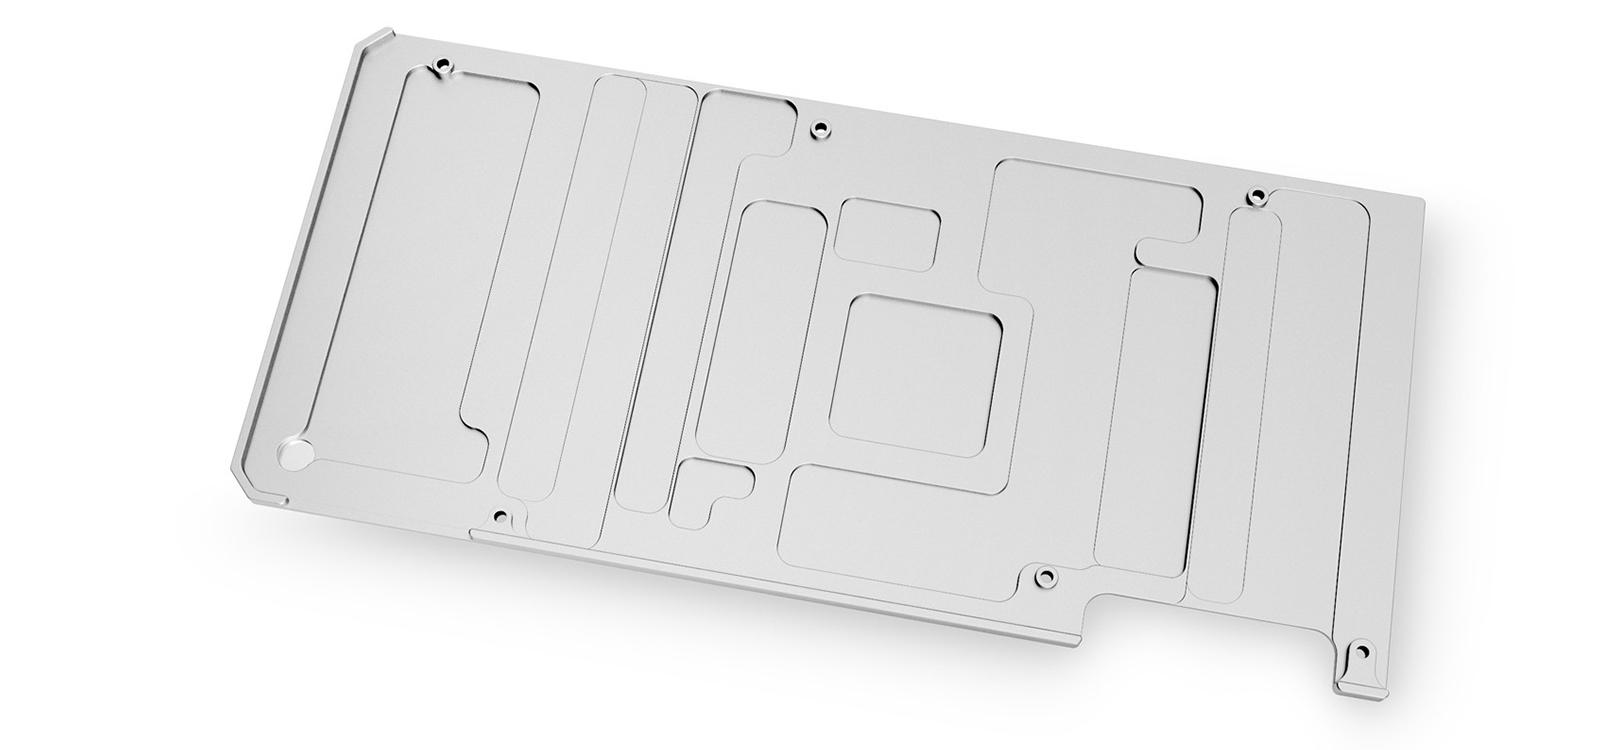 EK-Quantum Vector TUF RTX 3080/3090 Backplate - Nickel3